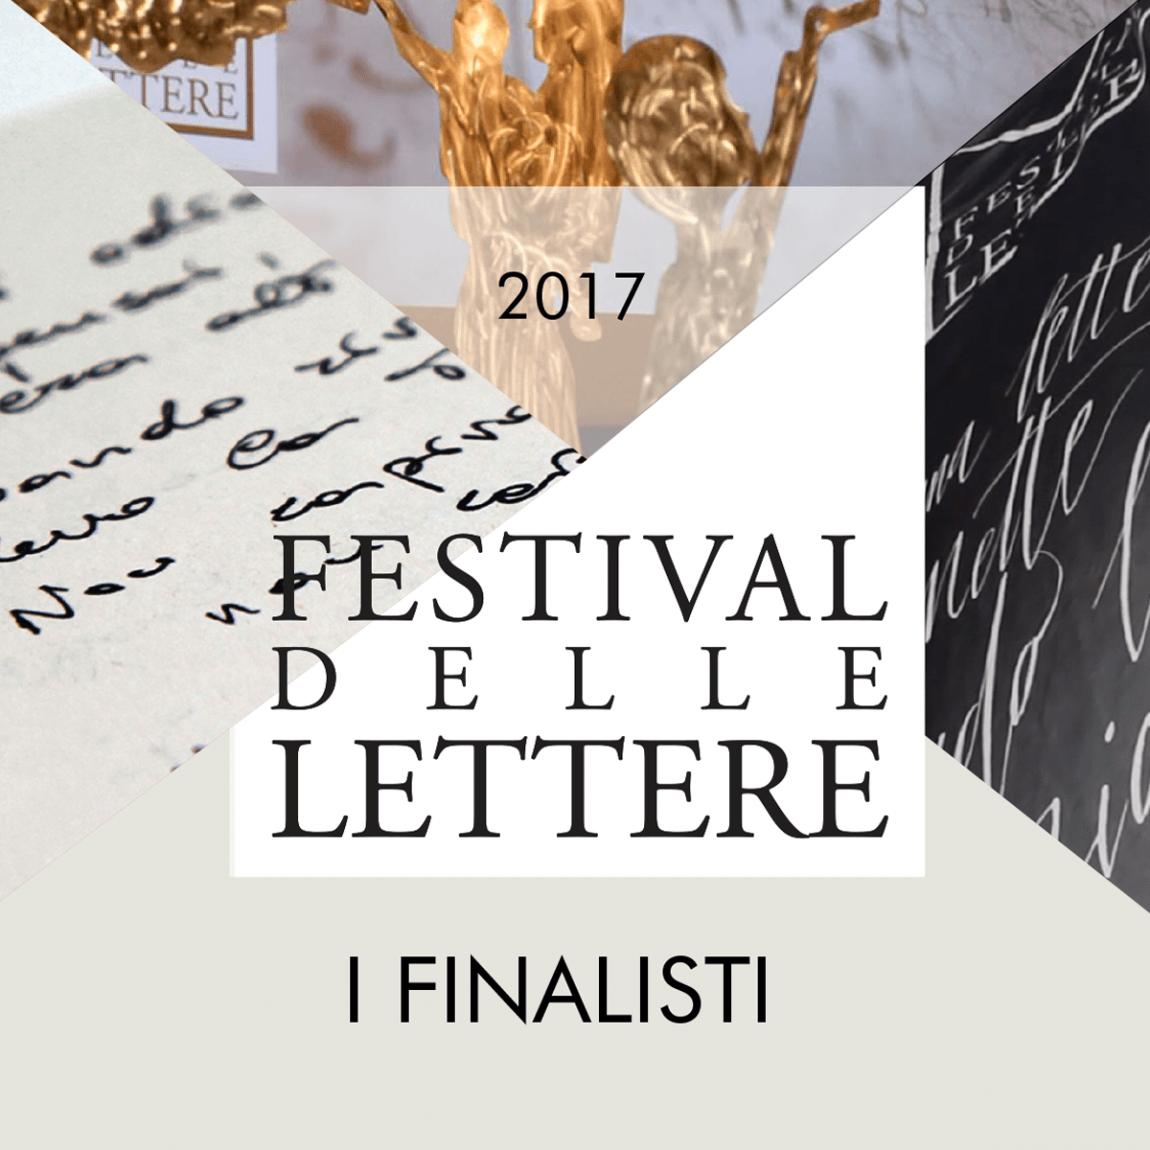 I finalisti del Festival delle lettere